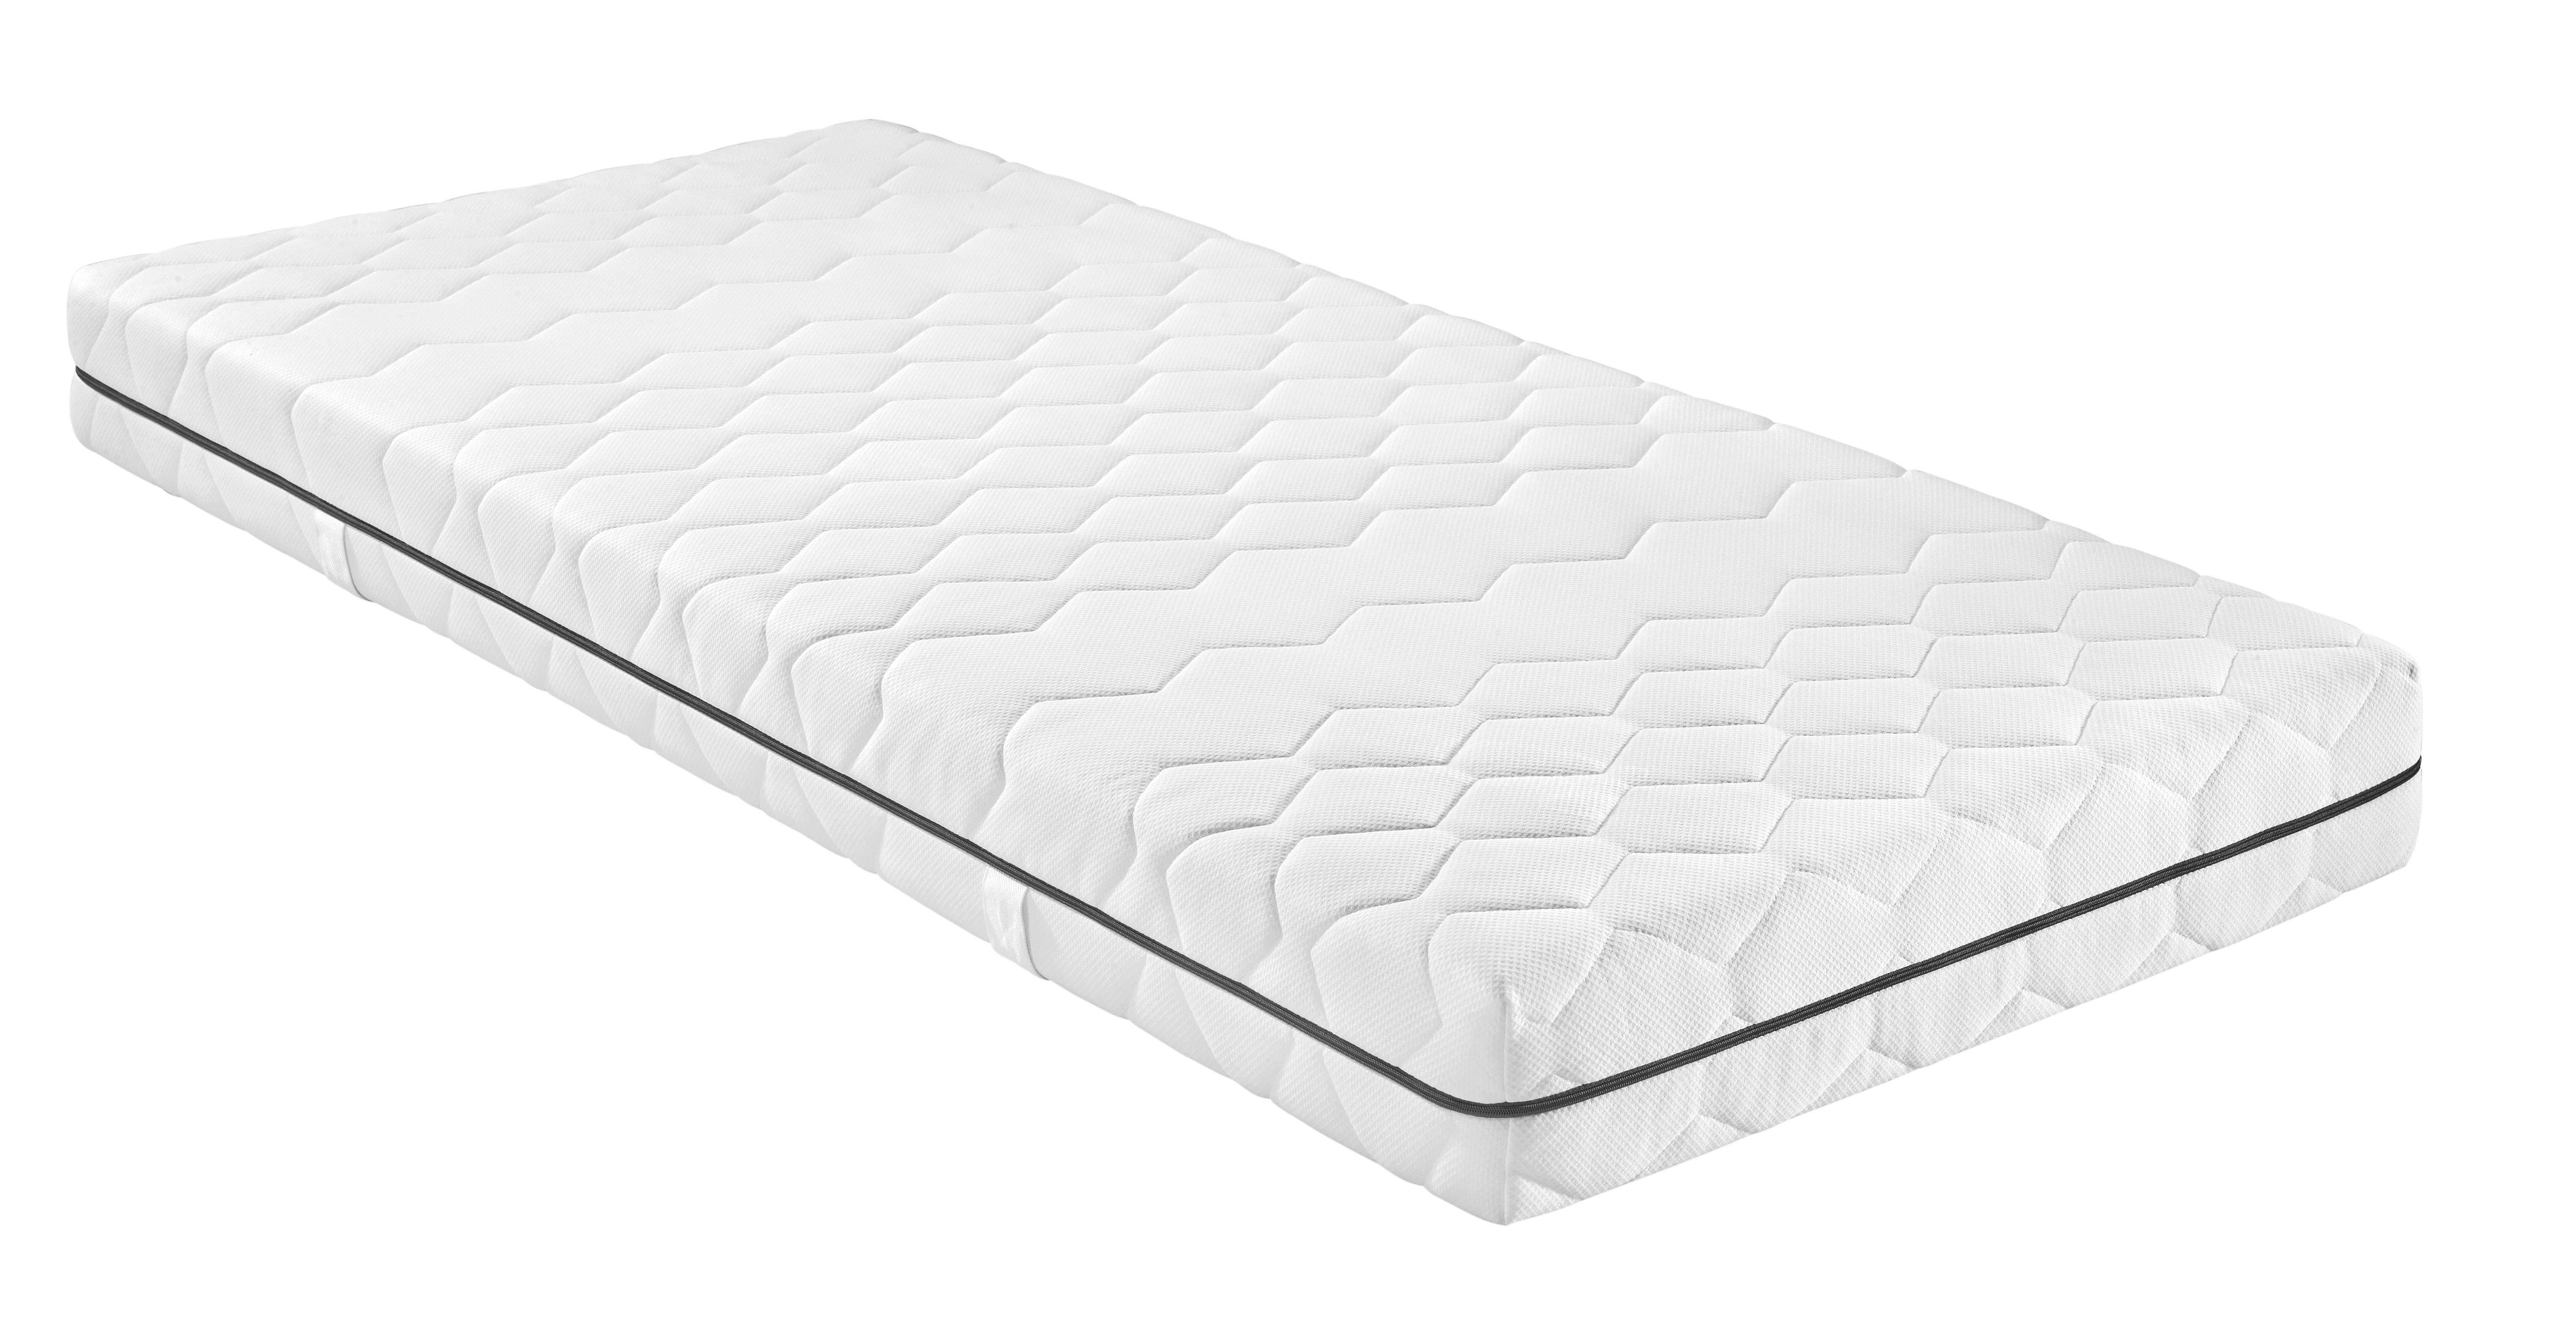 Ležišče Z Žepkastim Vzmetenjem Living Pur - bela, Konvencionalno, tekstil (200/90/19cm) - NADANA